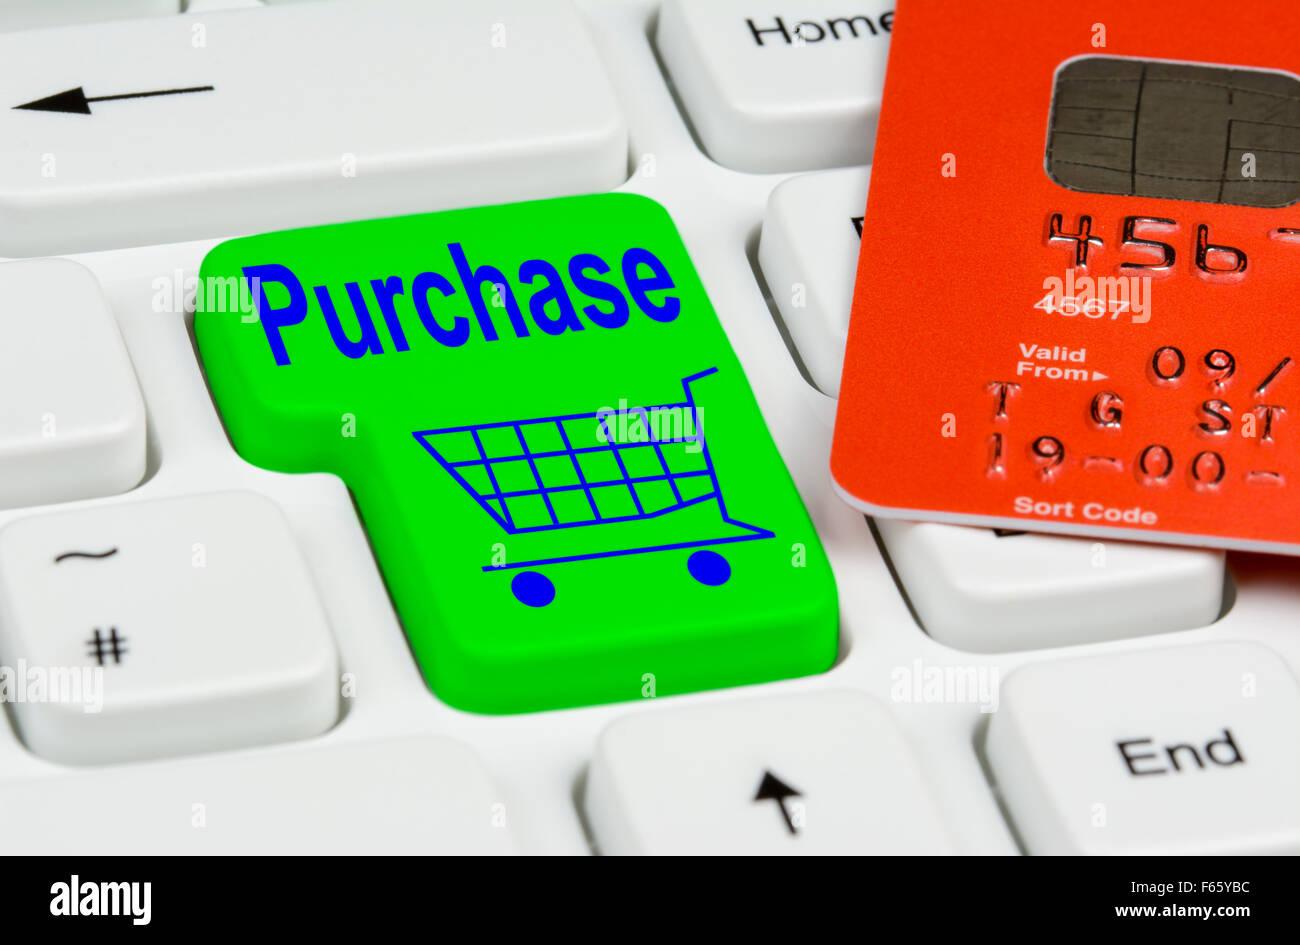 Online shopping Taste auf einer PC-Tastatur. mit Debit- oder Kreditkarte für die Zahlung bereit. Stockbild